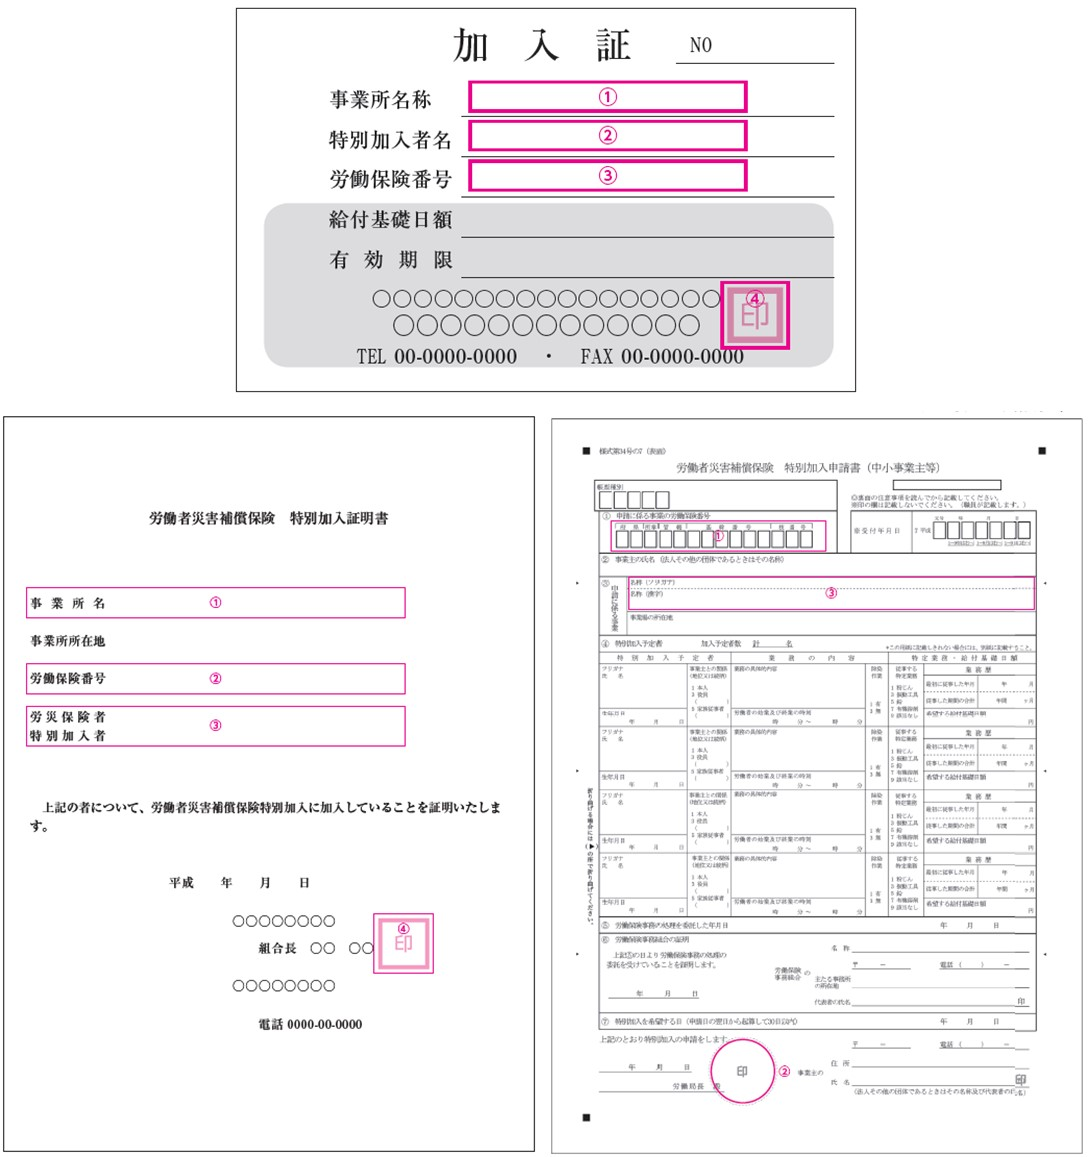 労災特別加入証明書類